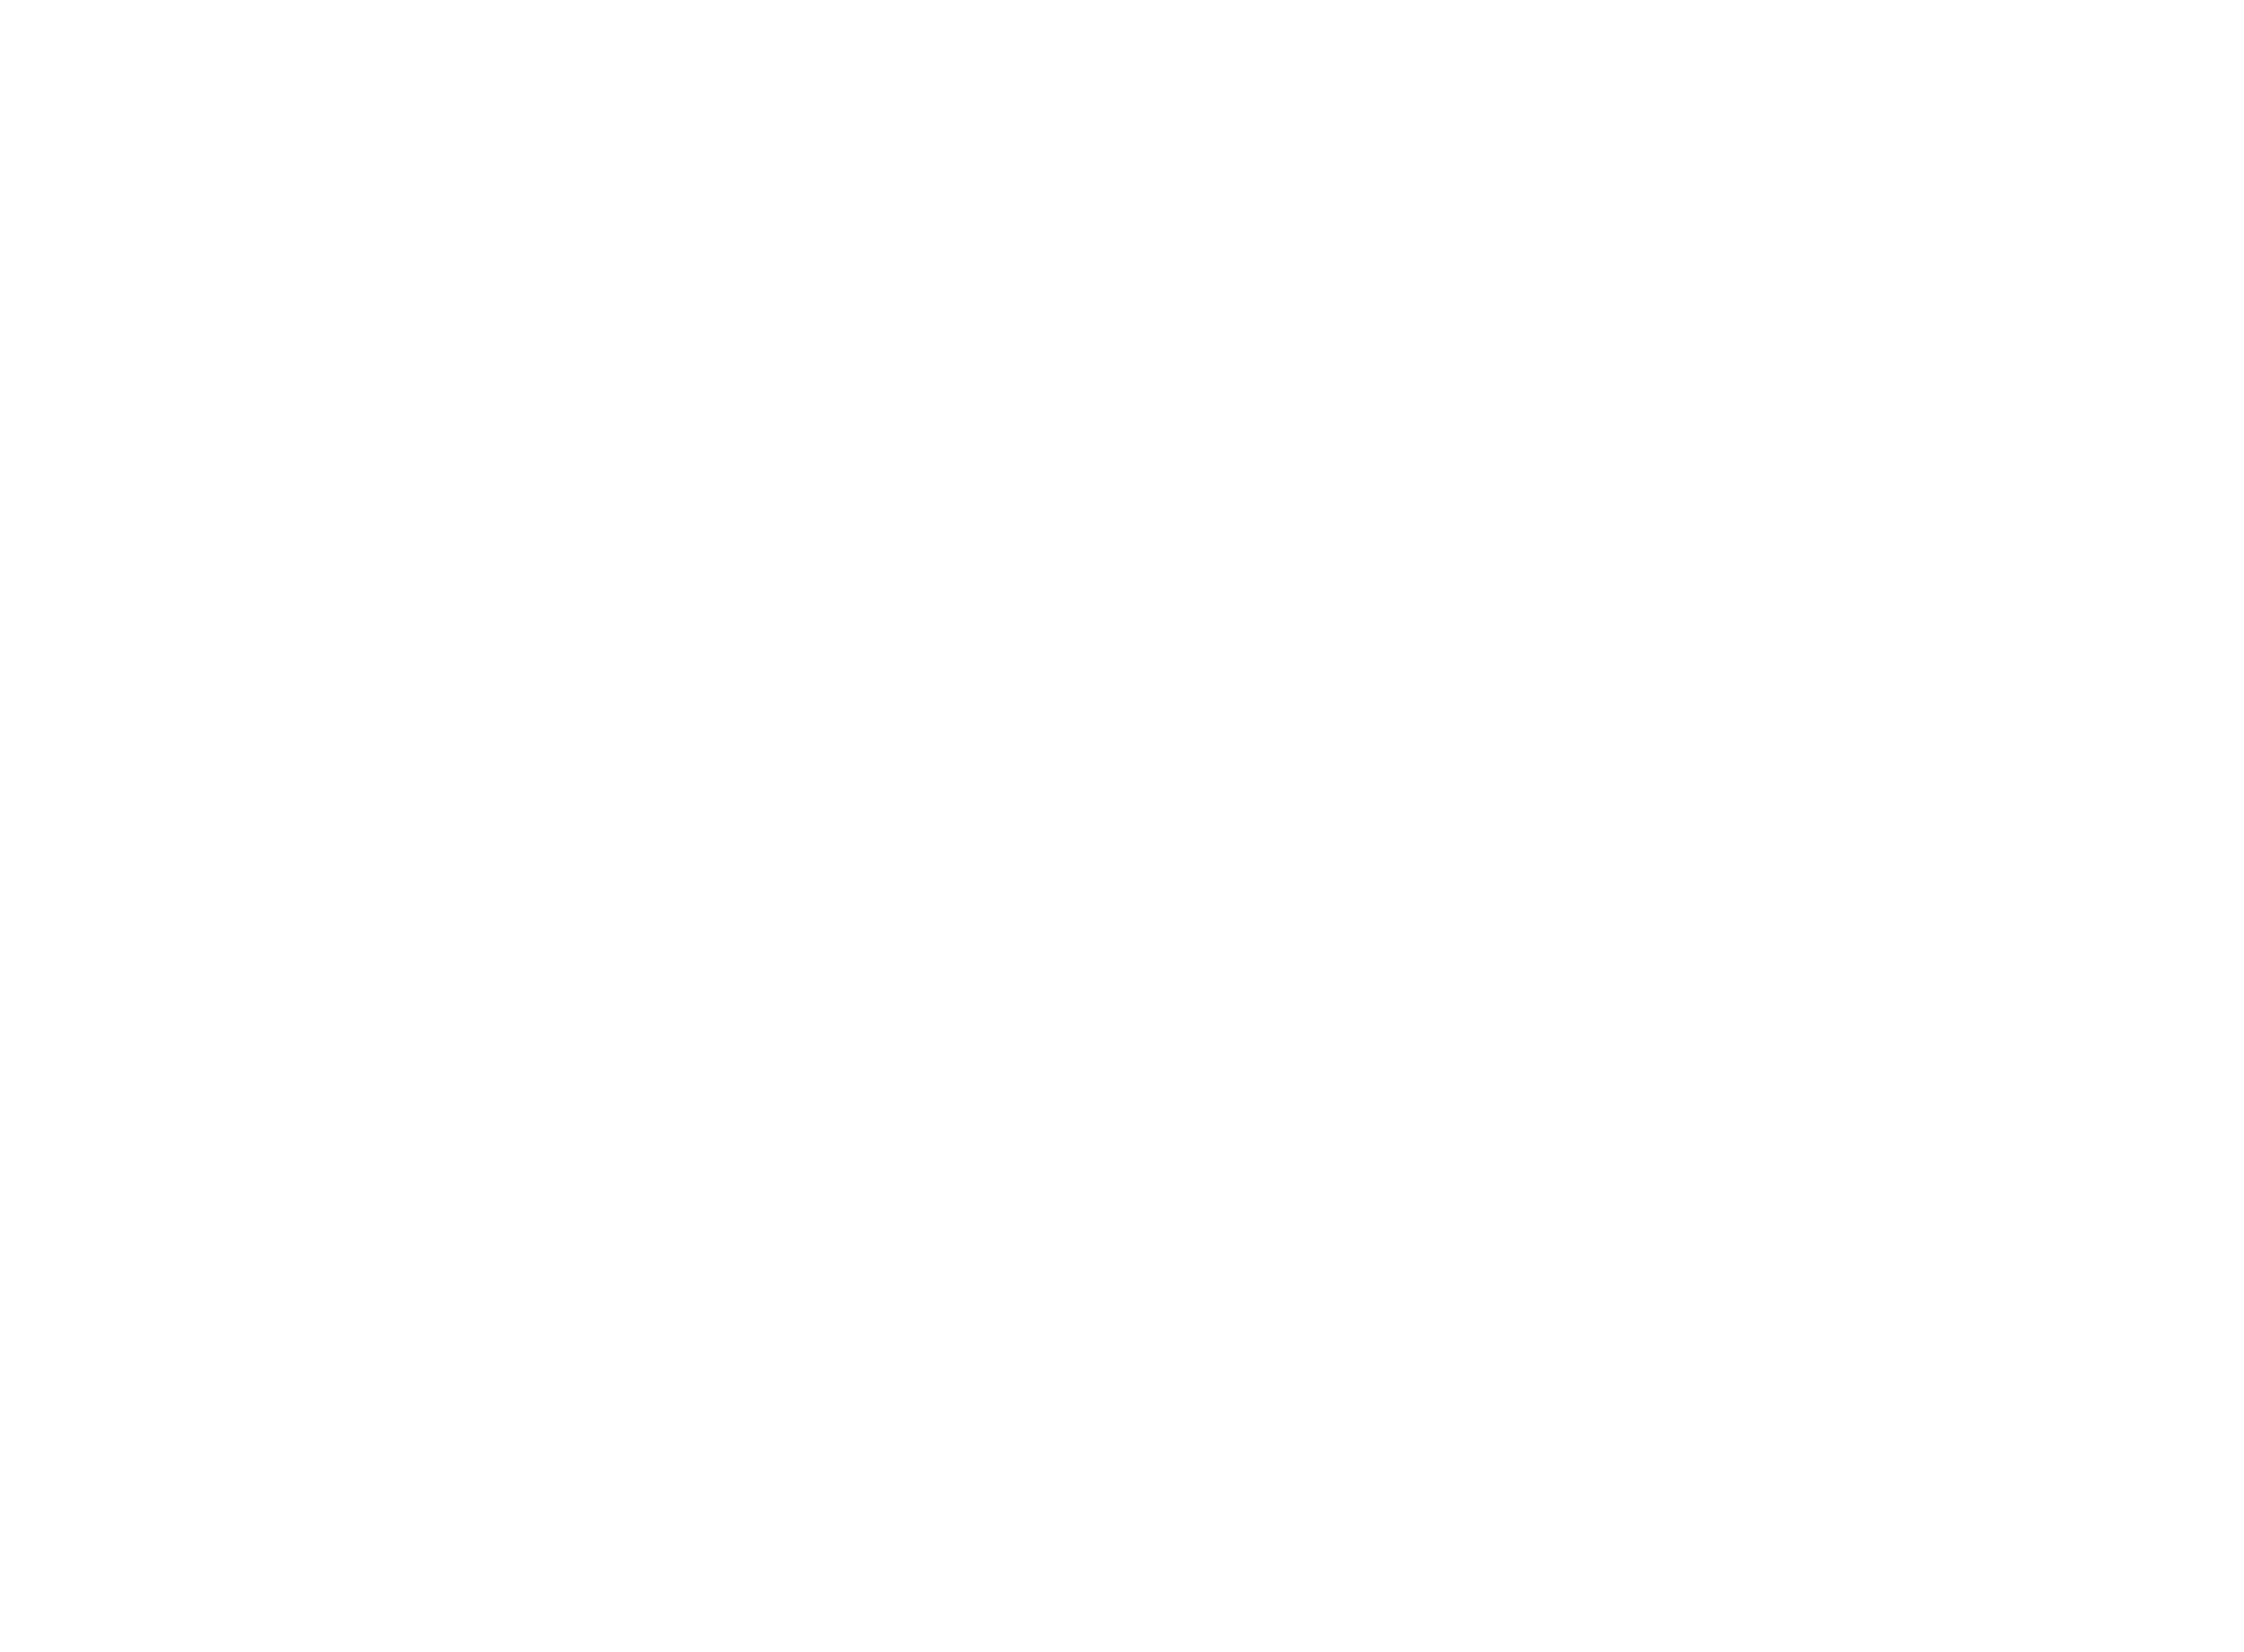 The 23rd World Petroleum Congress